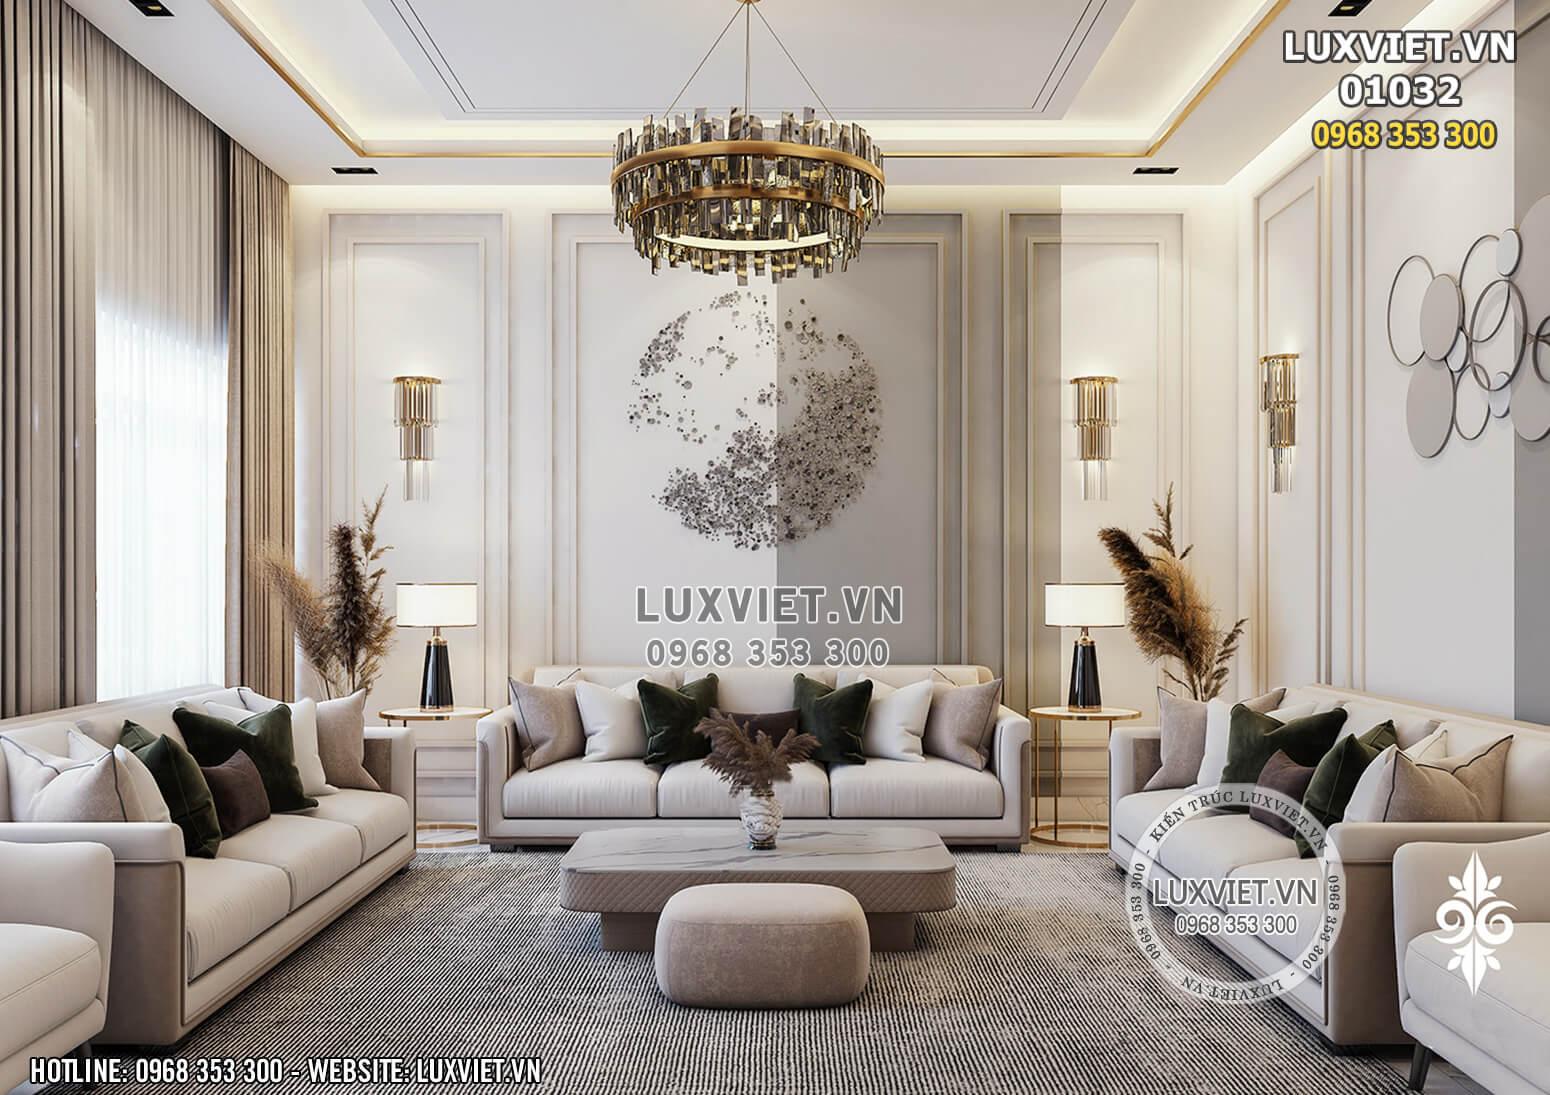 Hình ảnh: Toàn cảnh phòng khách tân cổ điển cho penthouse - LV 01032